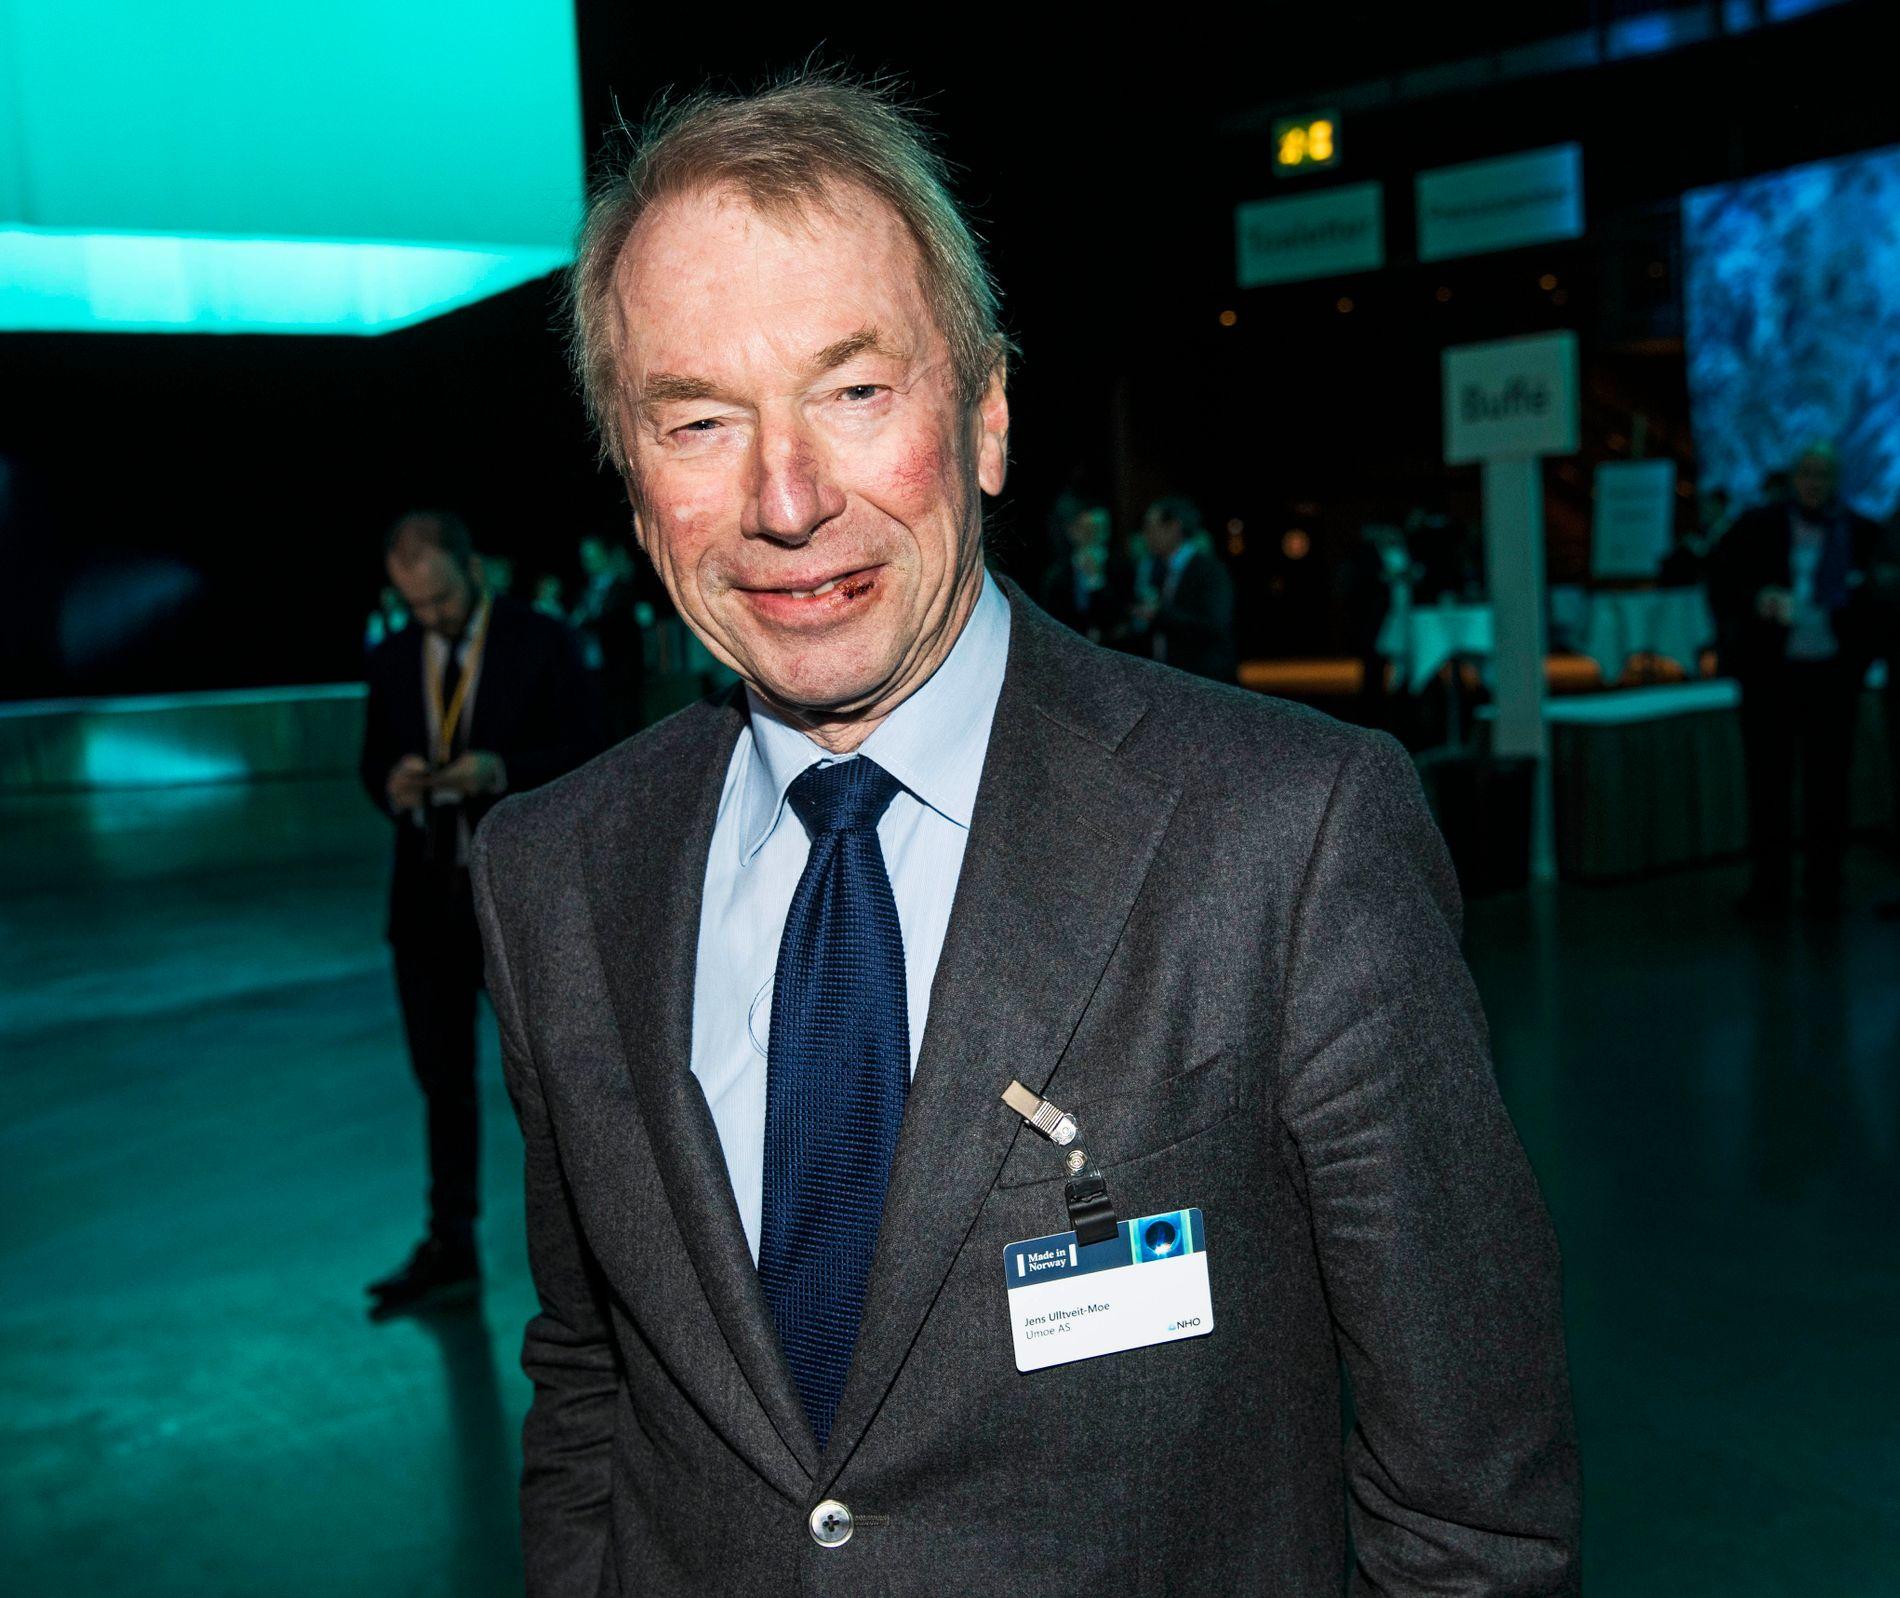 14770aa3 URO PÅ VERDENS BØRSER: Investor Jens Ulltveit-Moe er ikke bekymret for den  markante nedgangen på Oslo Børs. Foto: Hansen, Frode